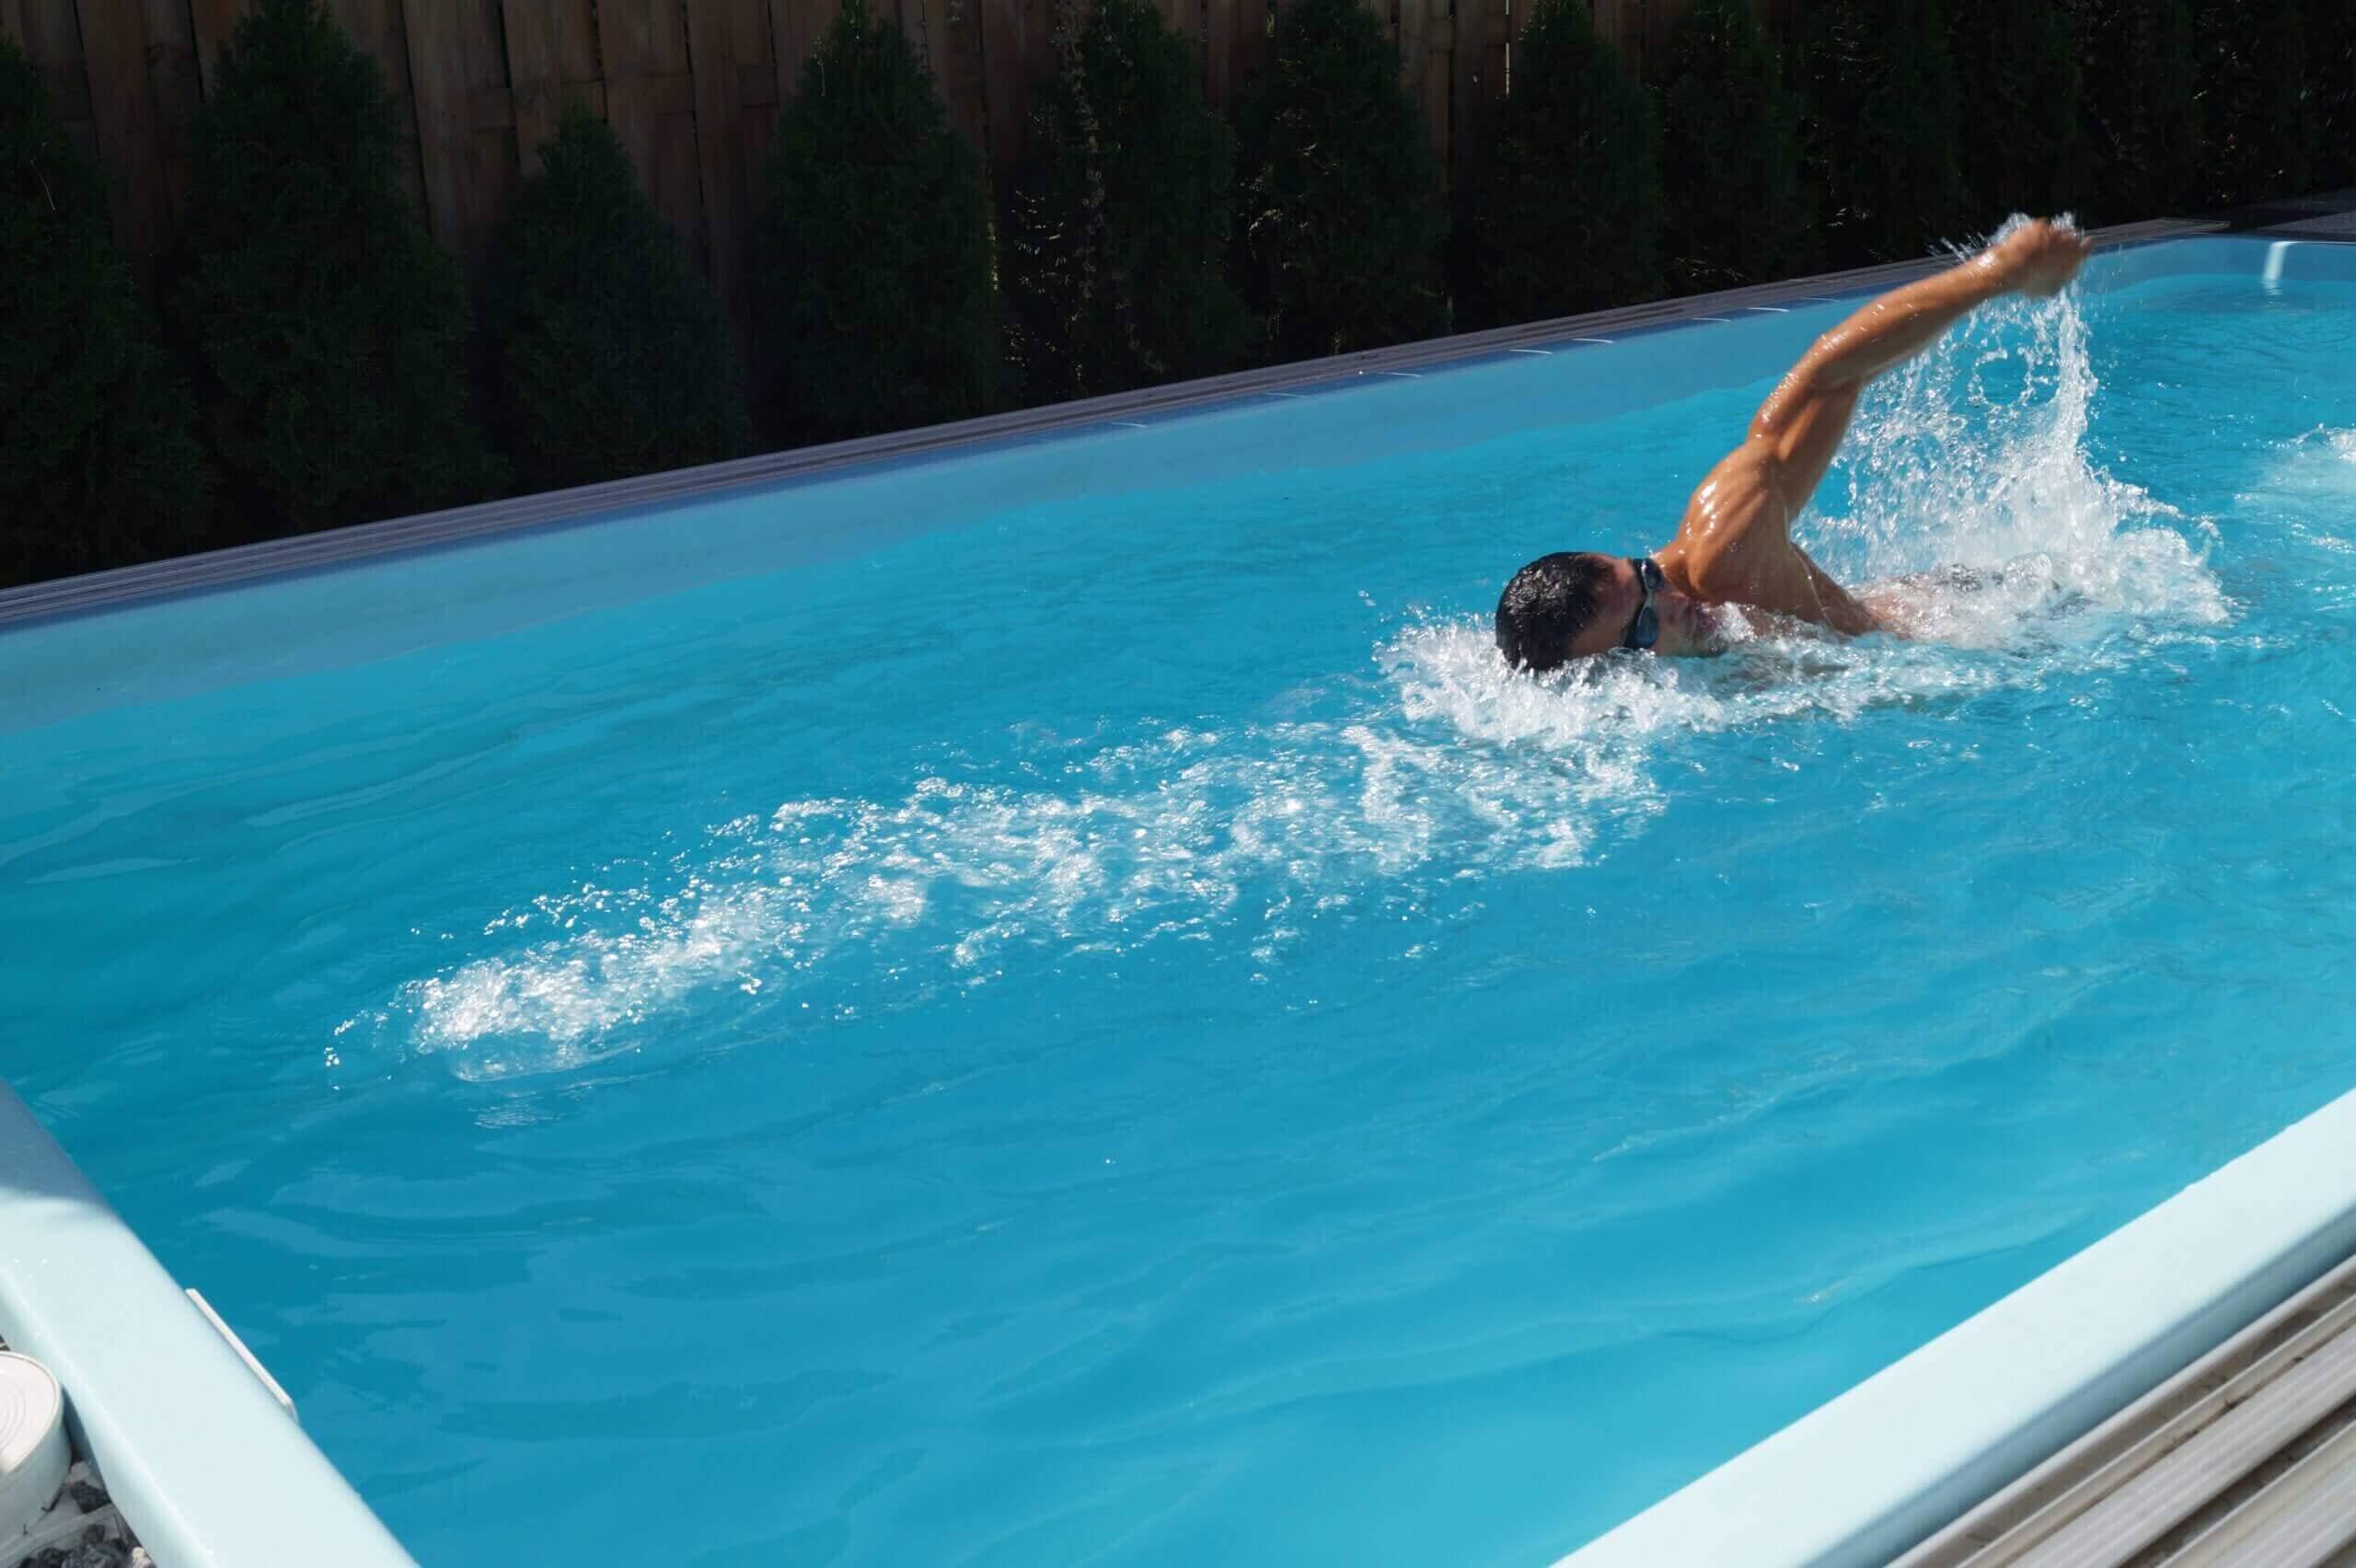 beim schwimmen im Wasser bewegt leicht kopf, arme und wirbelsäule - kraul, delfin, beine, brust beim Brustschwimmen, beim Kraulschwimmen, rücken beim Rückenschwimmens, körper ähnliche bewegung Schwimmtechnik